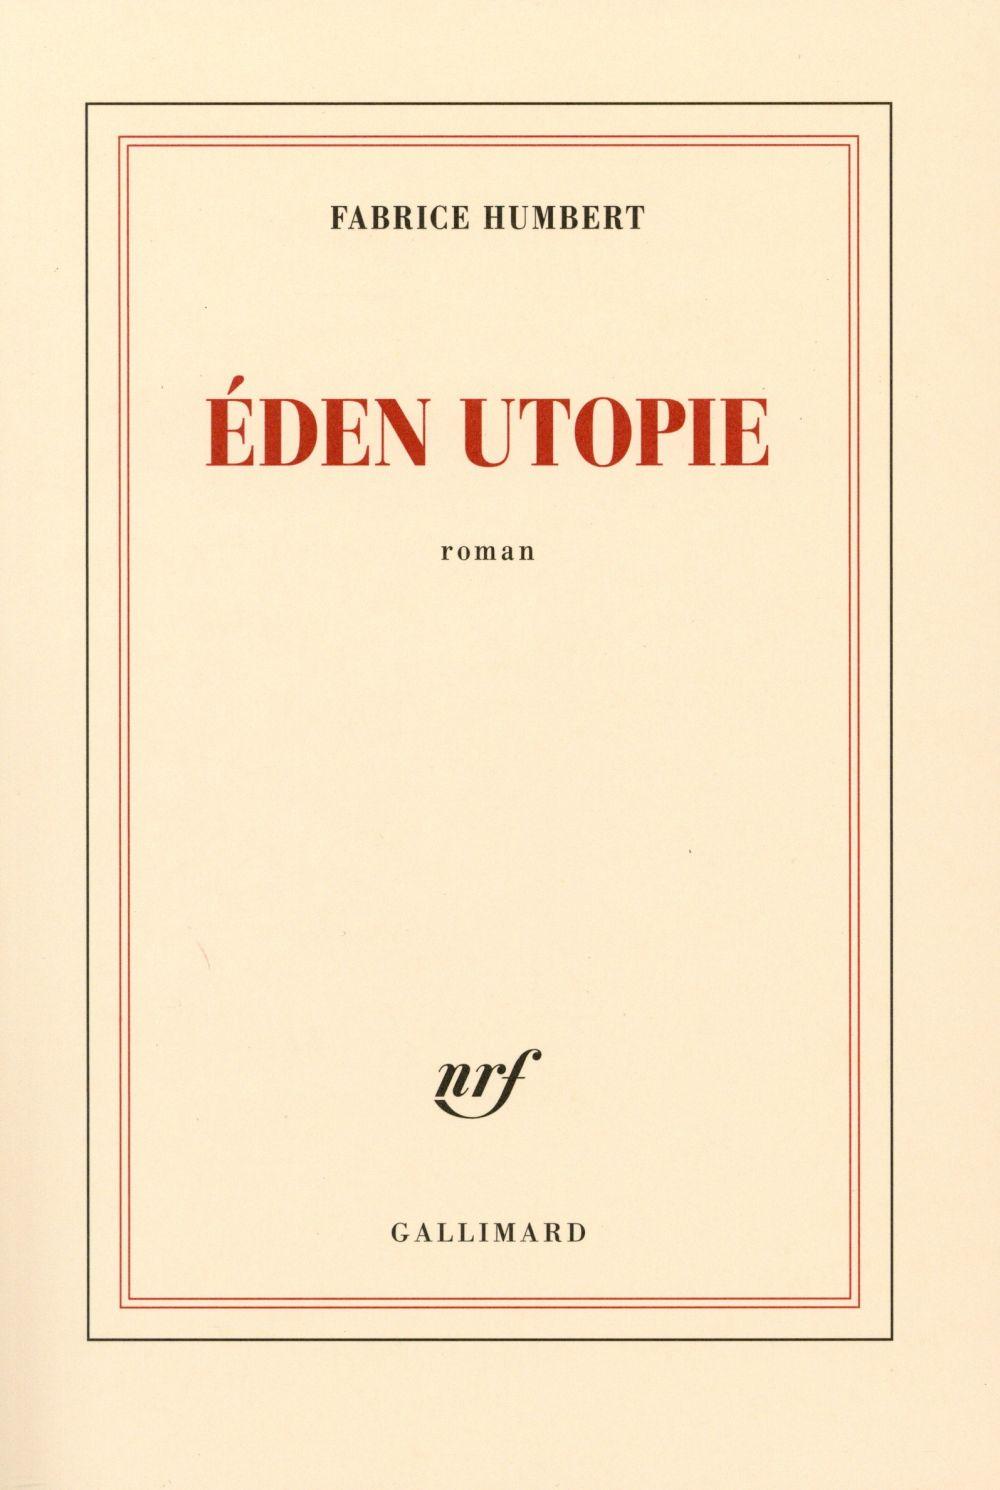 Eden utopie / Fabrice Humbert | Humbert, Fabrice (1970-....)